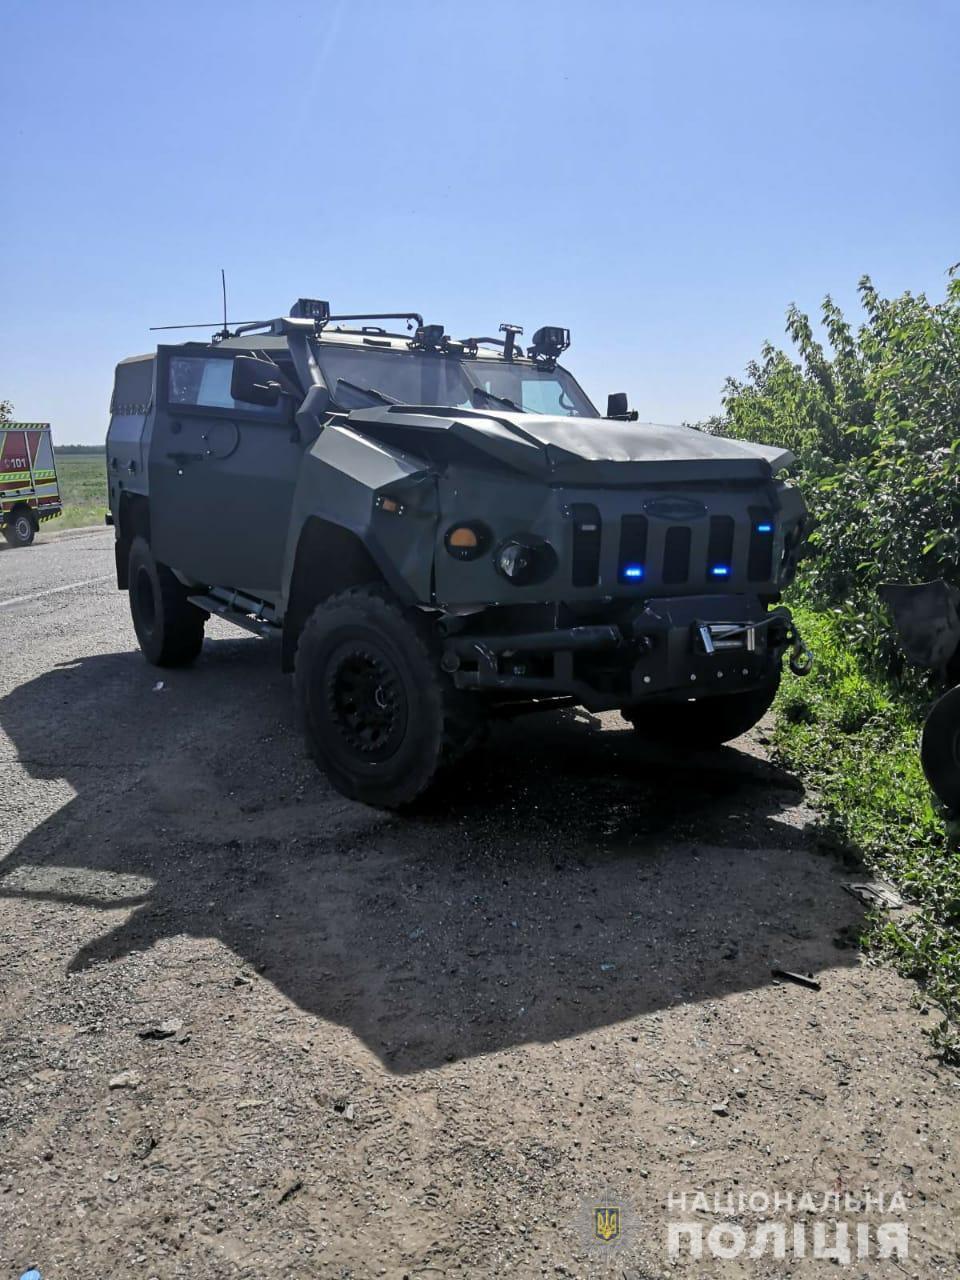 Под Харьковом произошла авария с колонной военных автомобилей. Источник фото - сайт ГУ Нацполиции в Харьковской области.